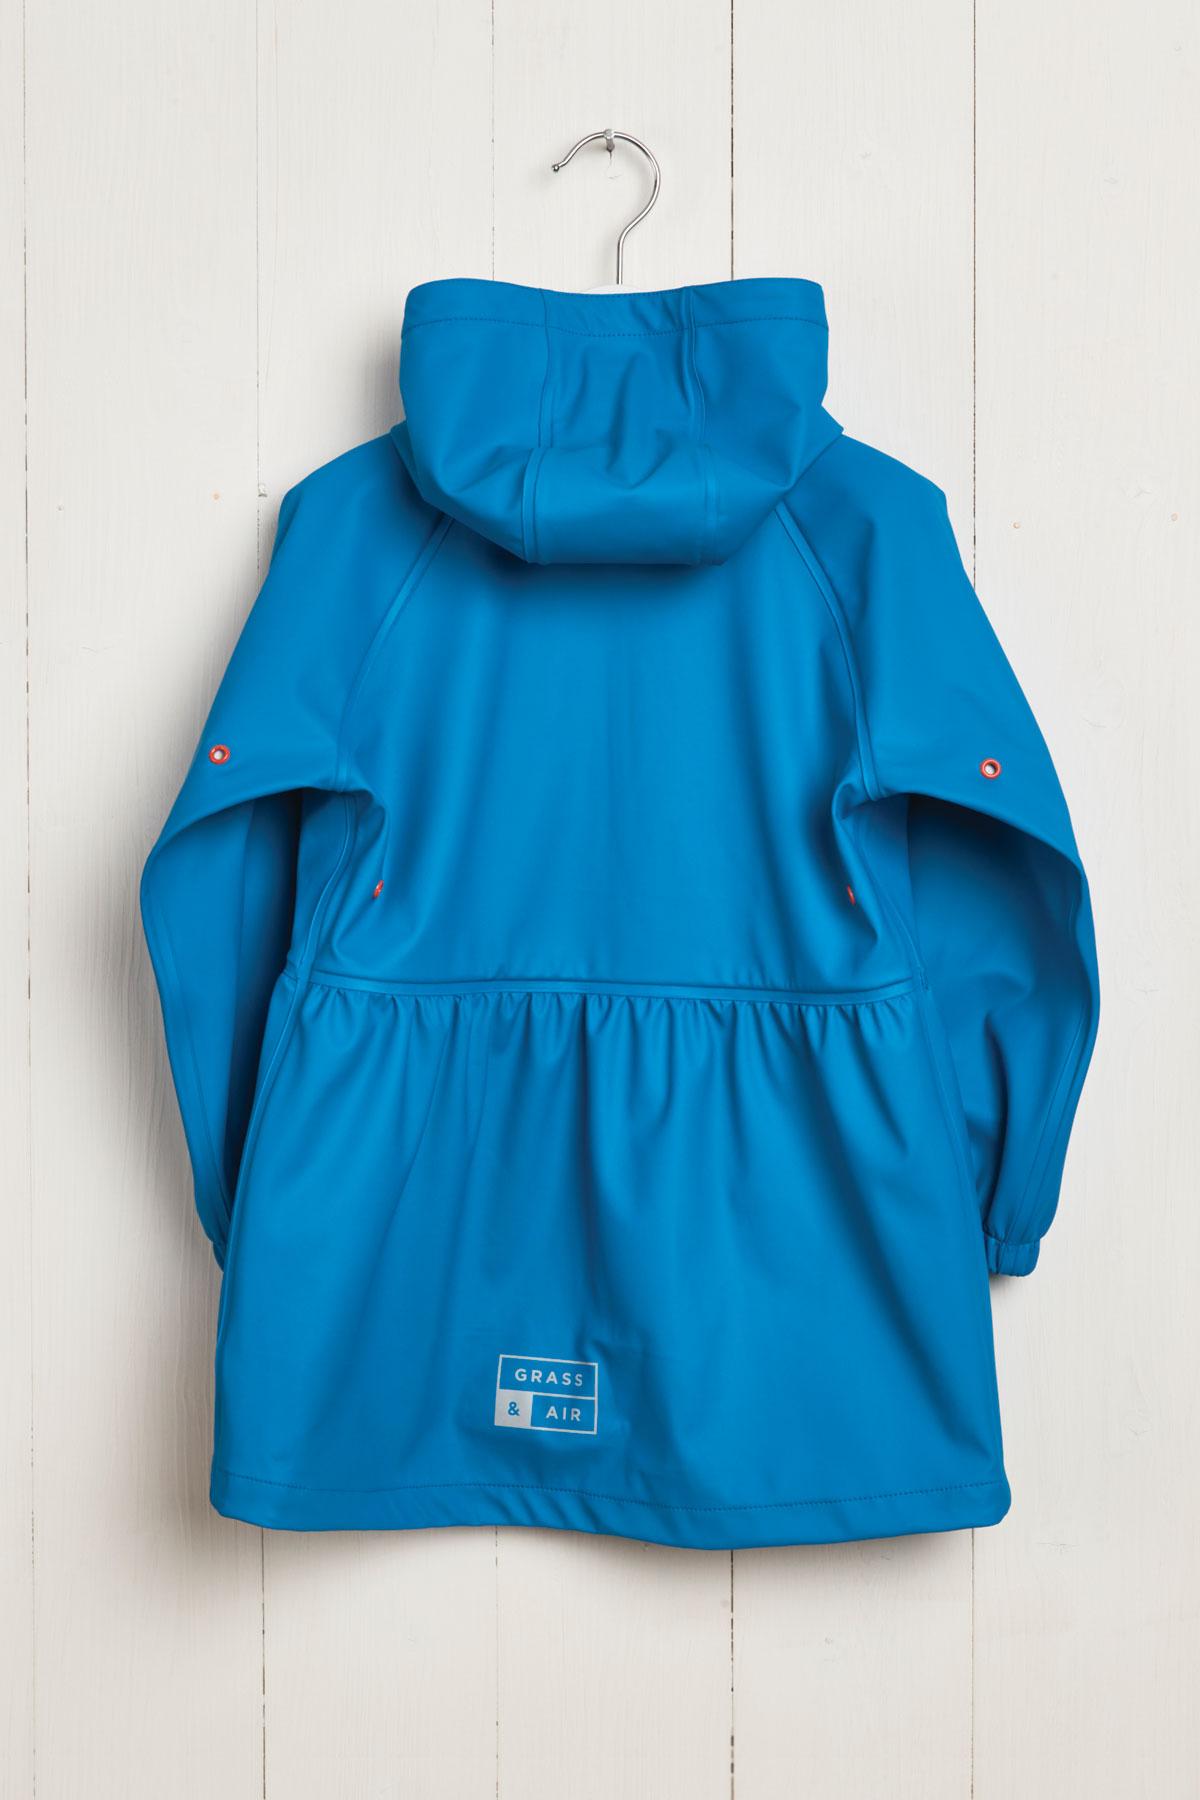 rear product hanger shot of girls turquoise rainster